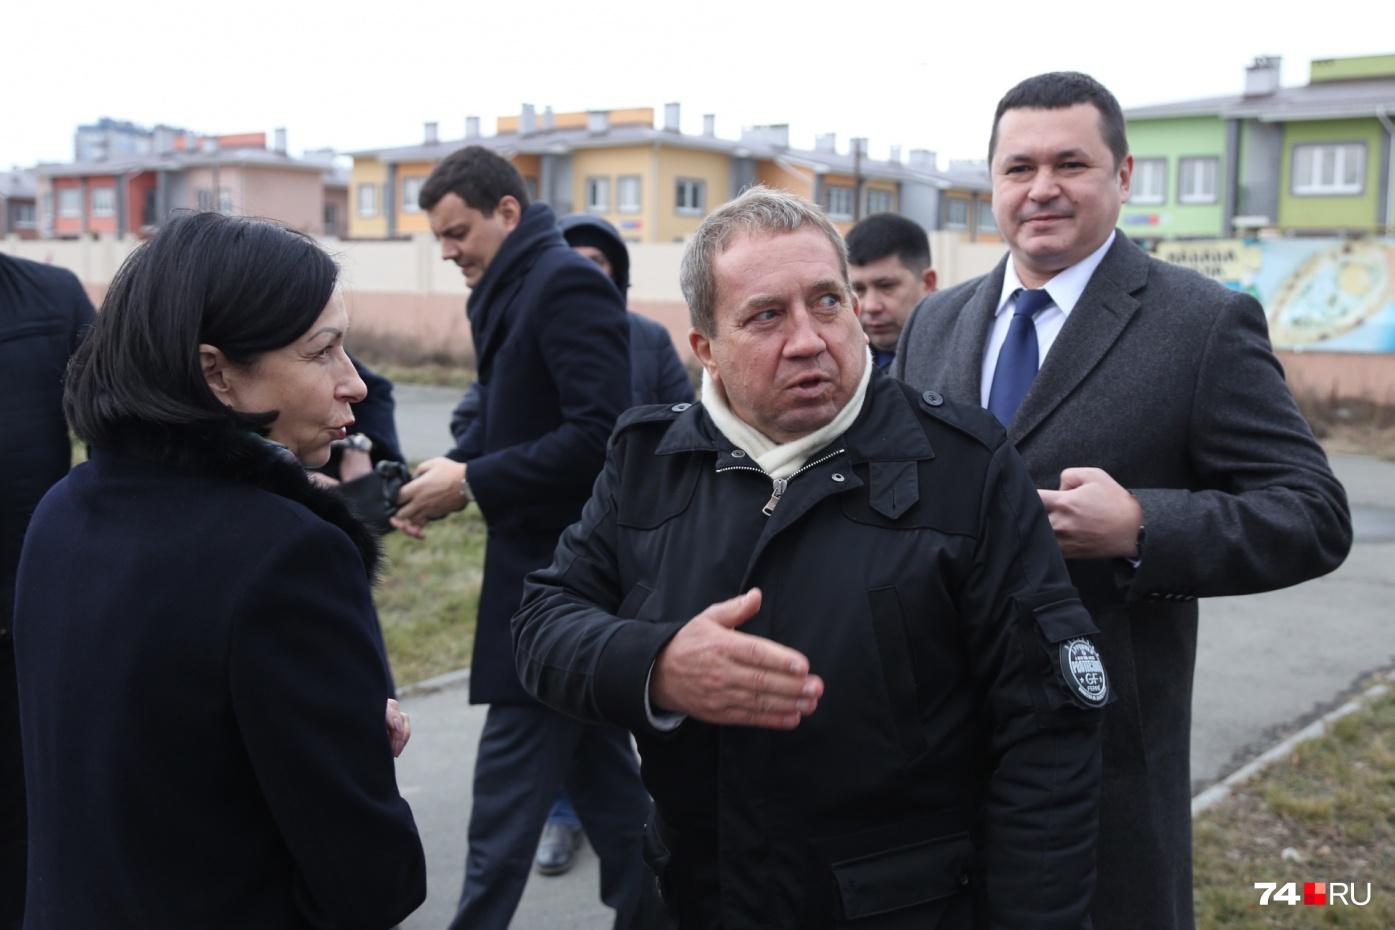 Также оставить свой пост попросили начальника службы эксплуатации остановок Юрия Кожевникова